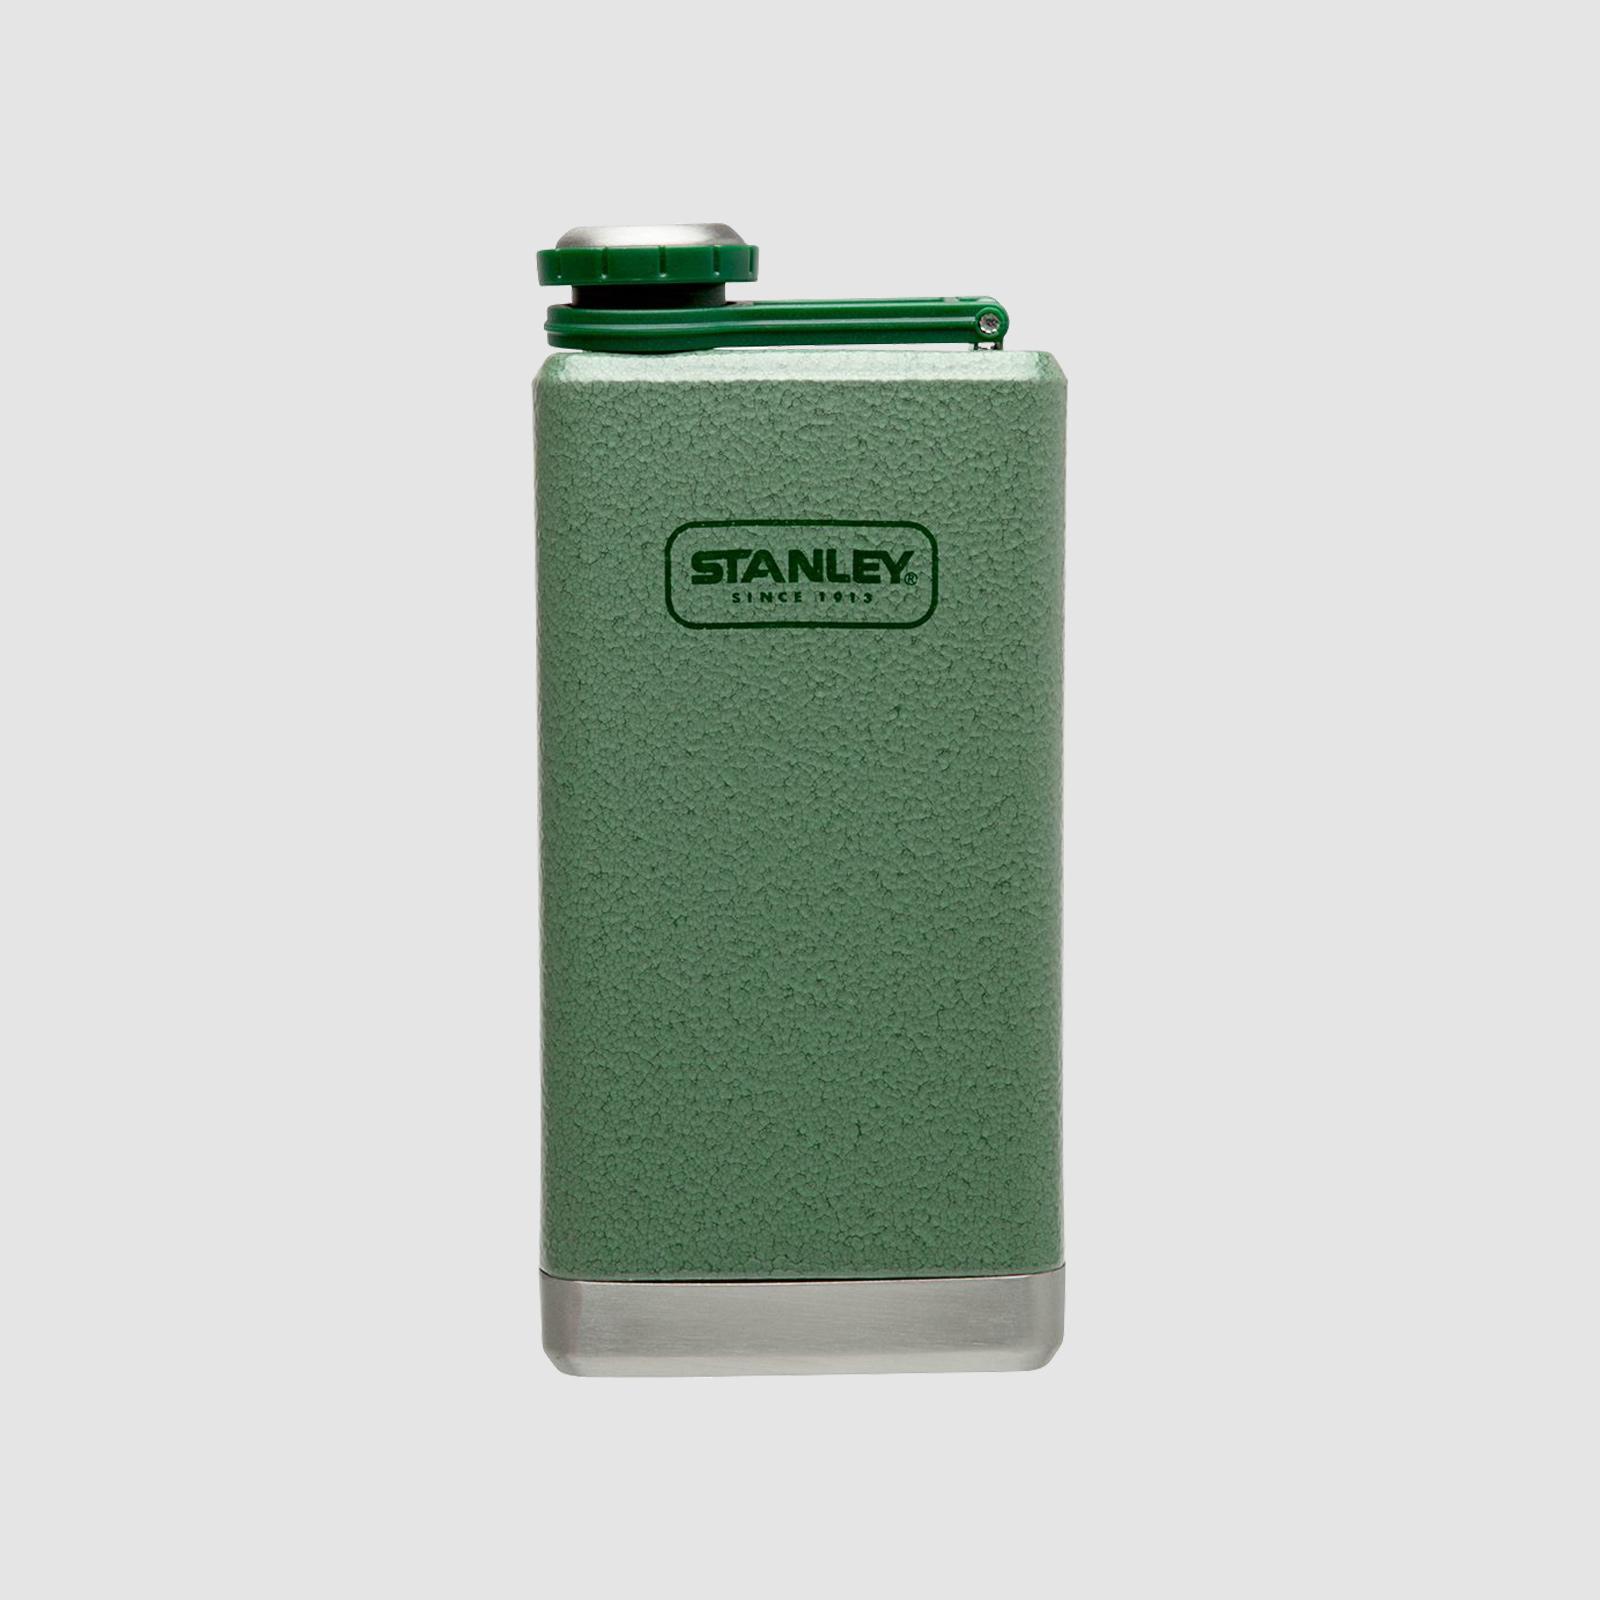 Stanley Adventure Series Stainless Steel Flask | $15-18